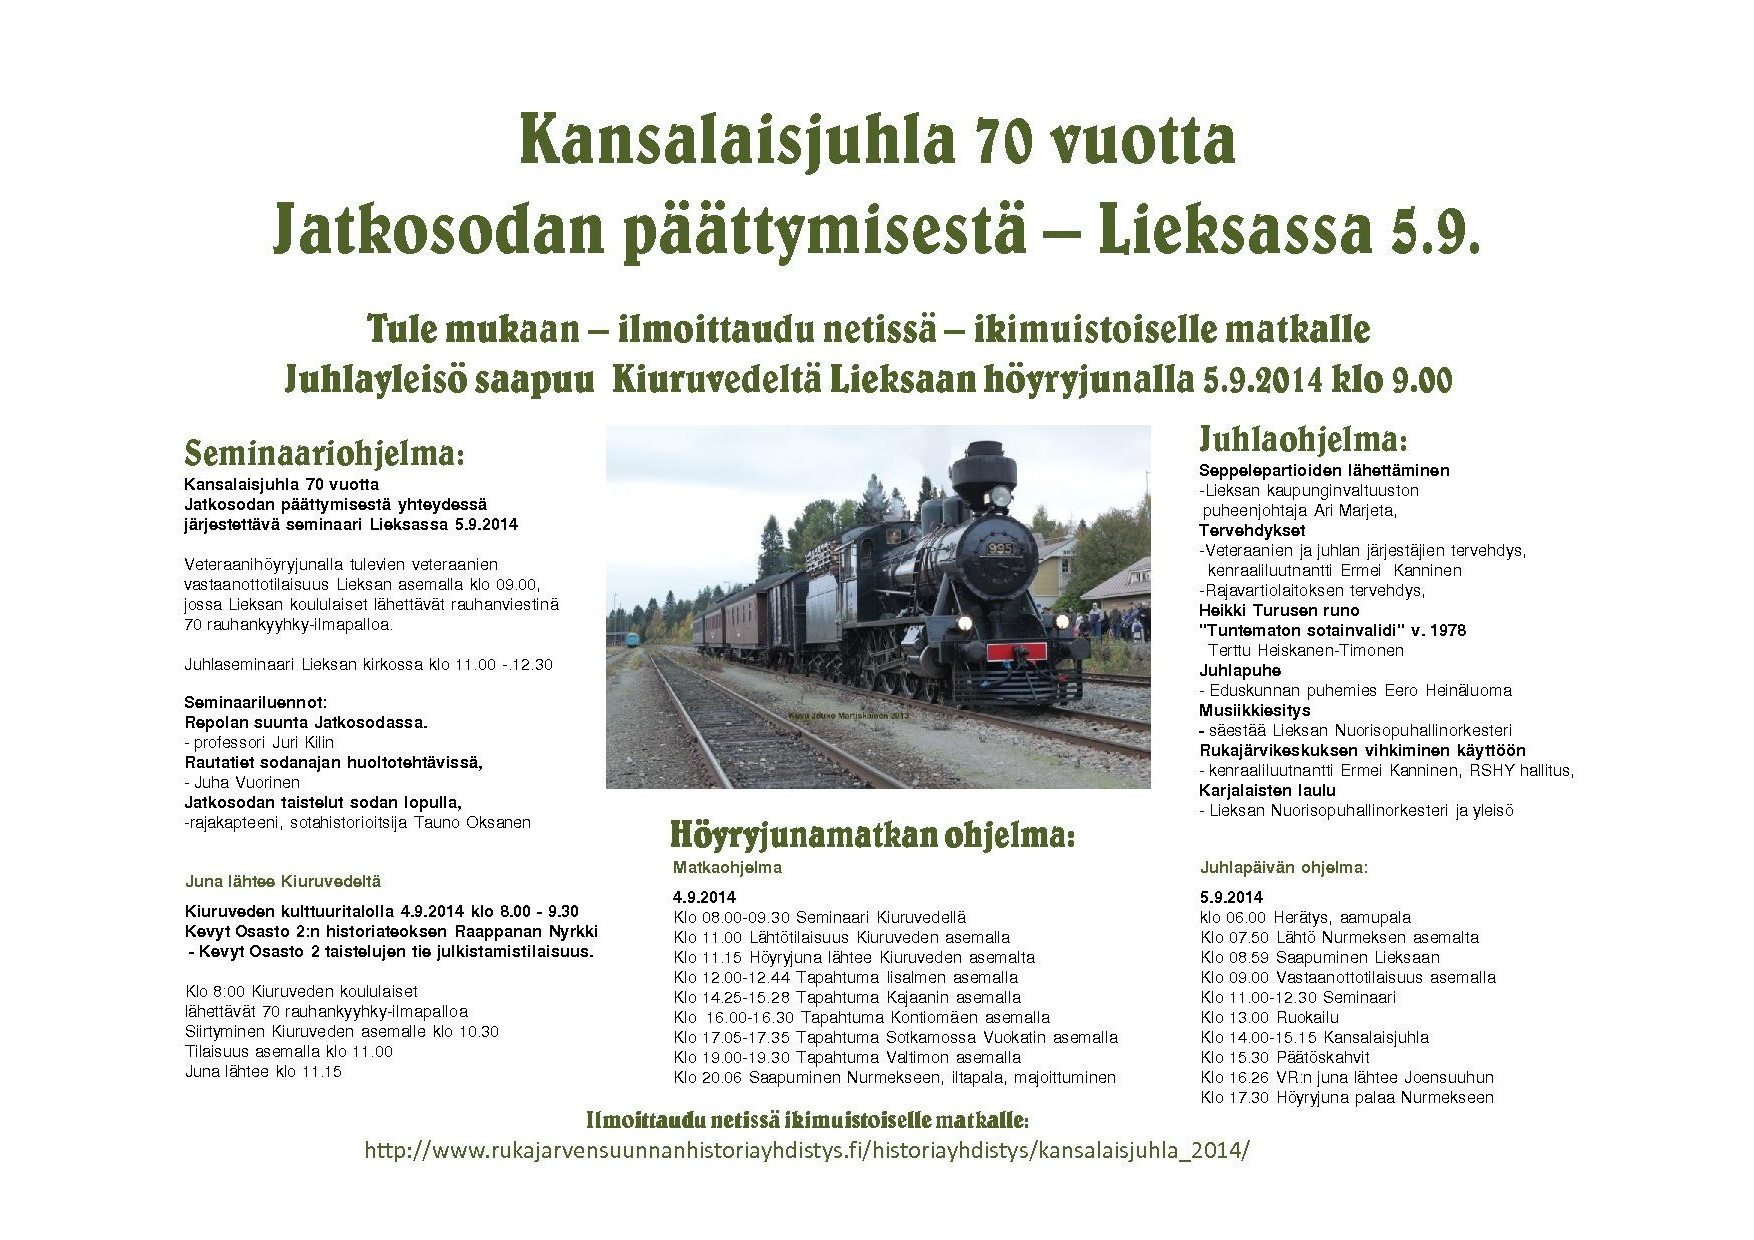 Kansalaisjuhla 70 vuotta Jatkosodasta juhlan ohjelman aikataulu kokonaisuudessaan.